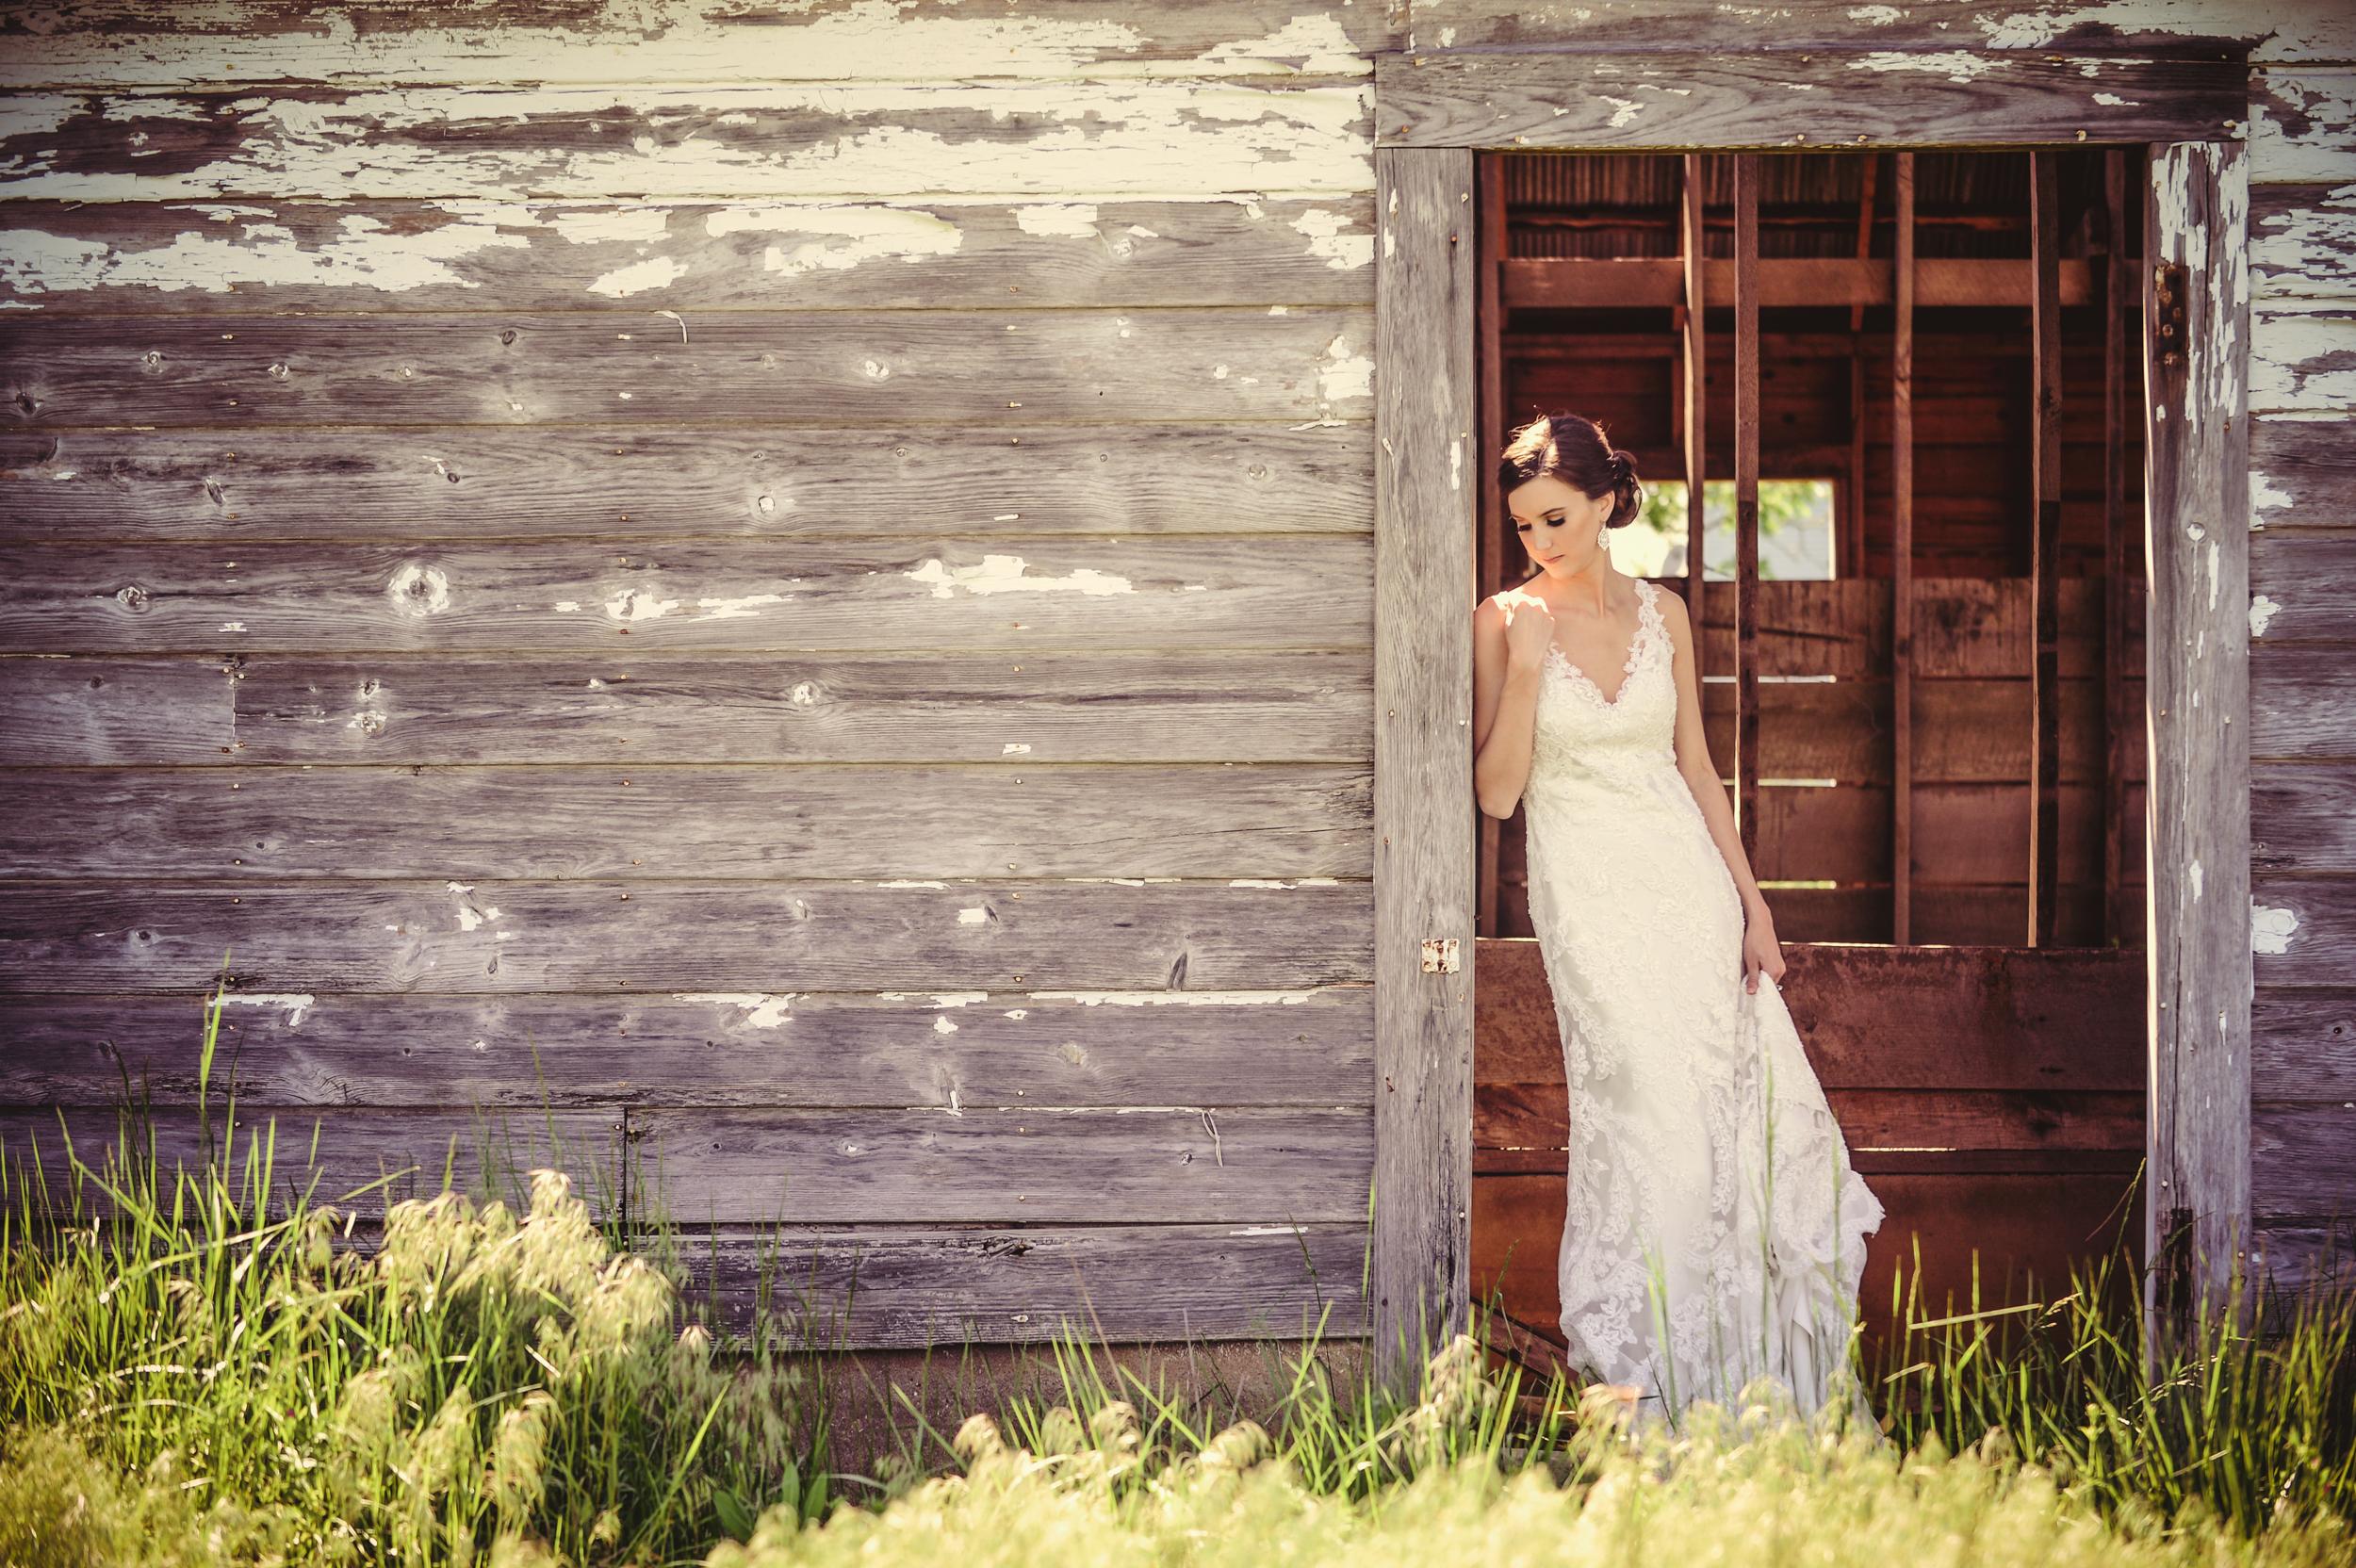 bridals©2015mileswittboyer-22.jpg